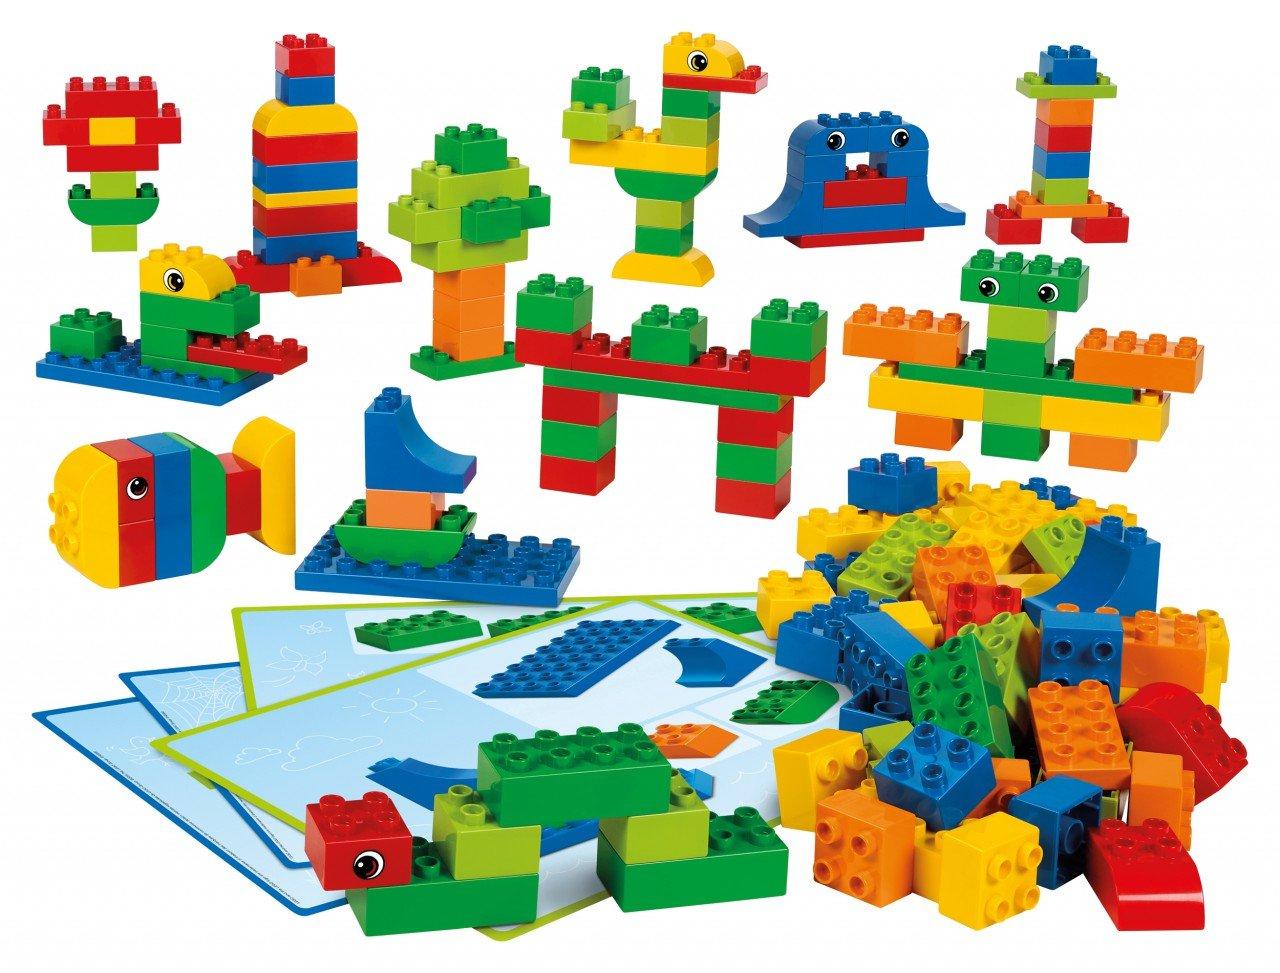 Lego Ideen.Lego Duplo Grundelemente 160 Bausteine 6 Doppelseitige Baukarten Mit Ideen Und Anleitungen Für Kinder Von 3 5 Jahren Radau Pigiau